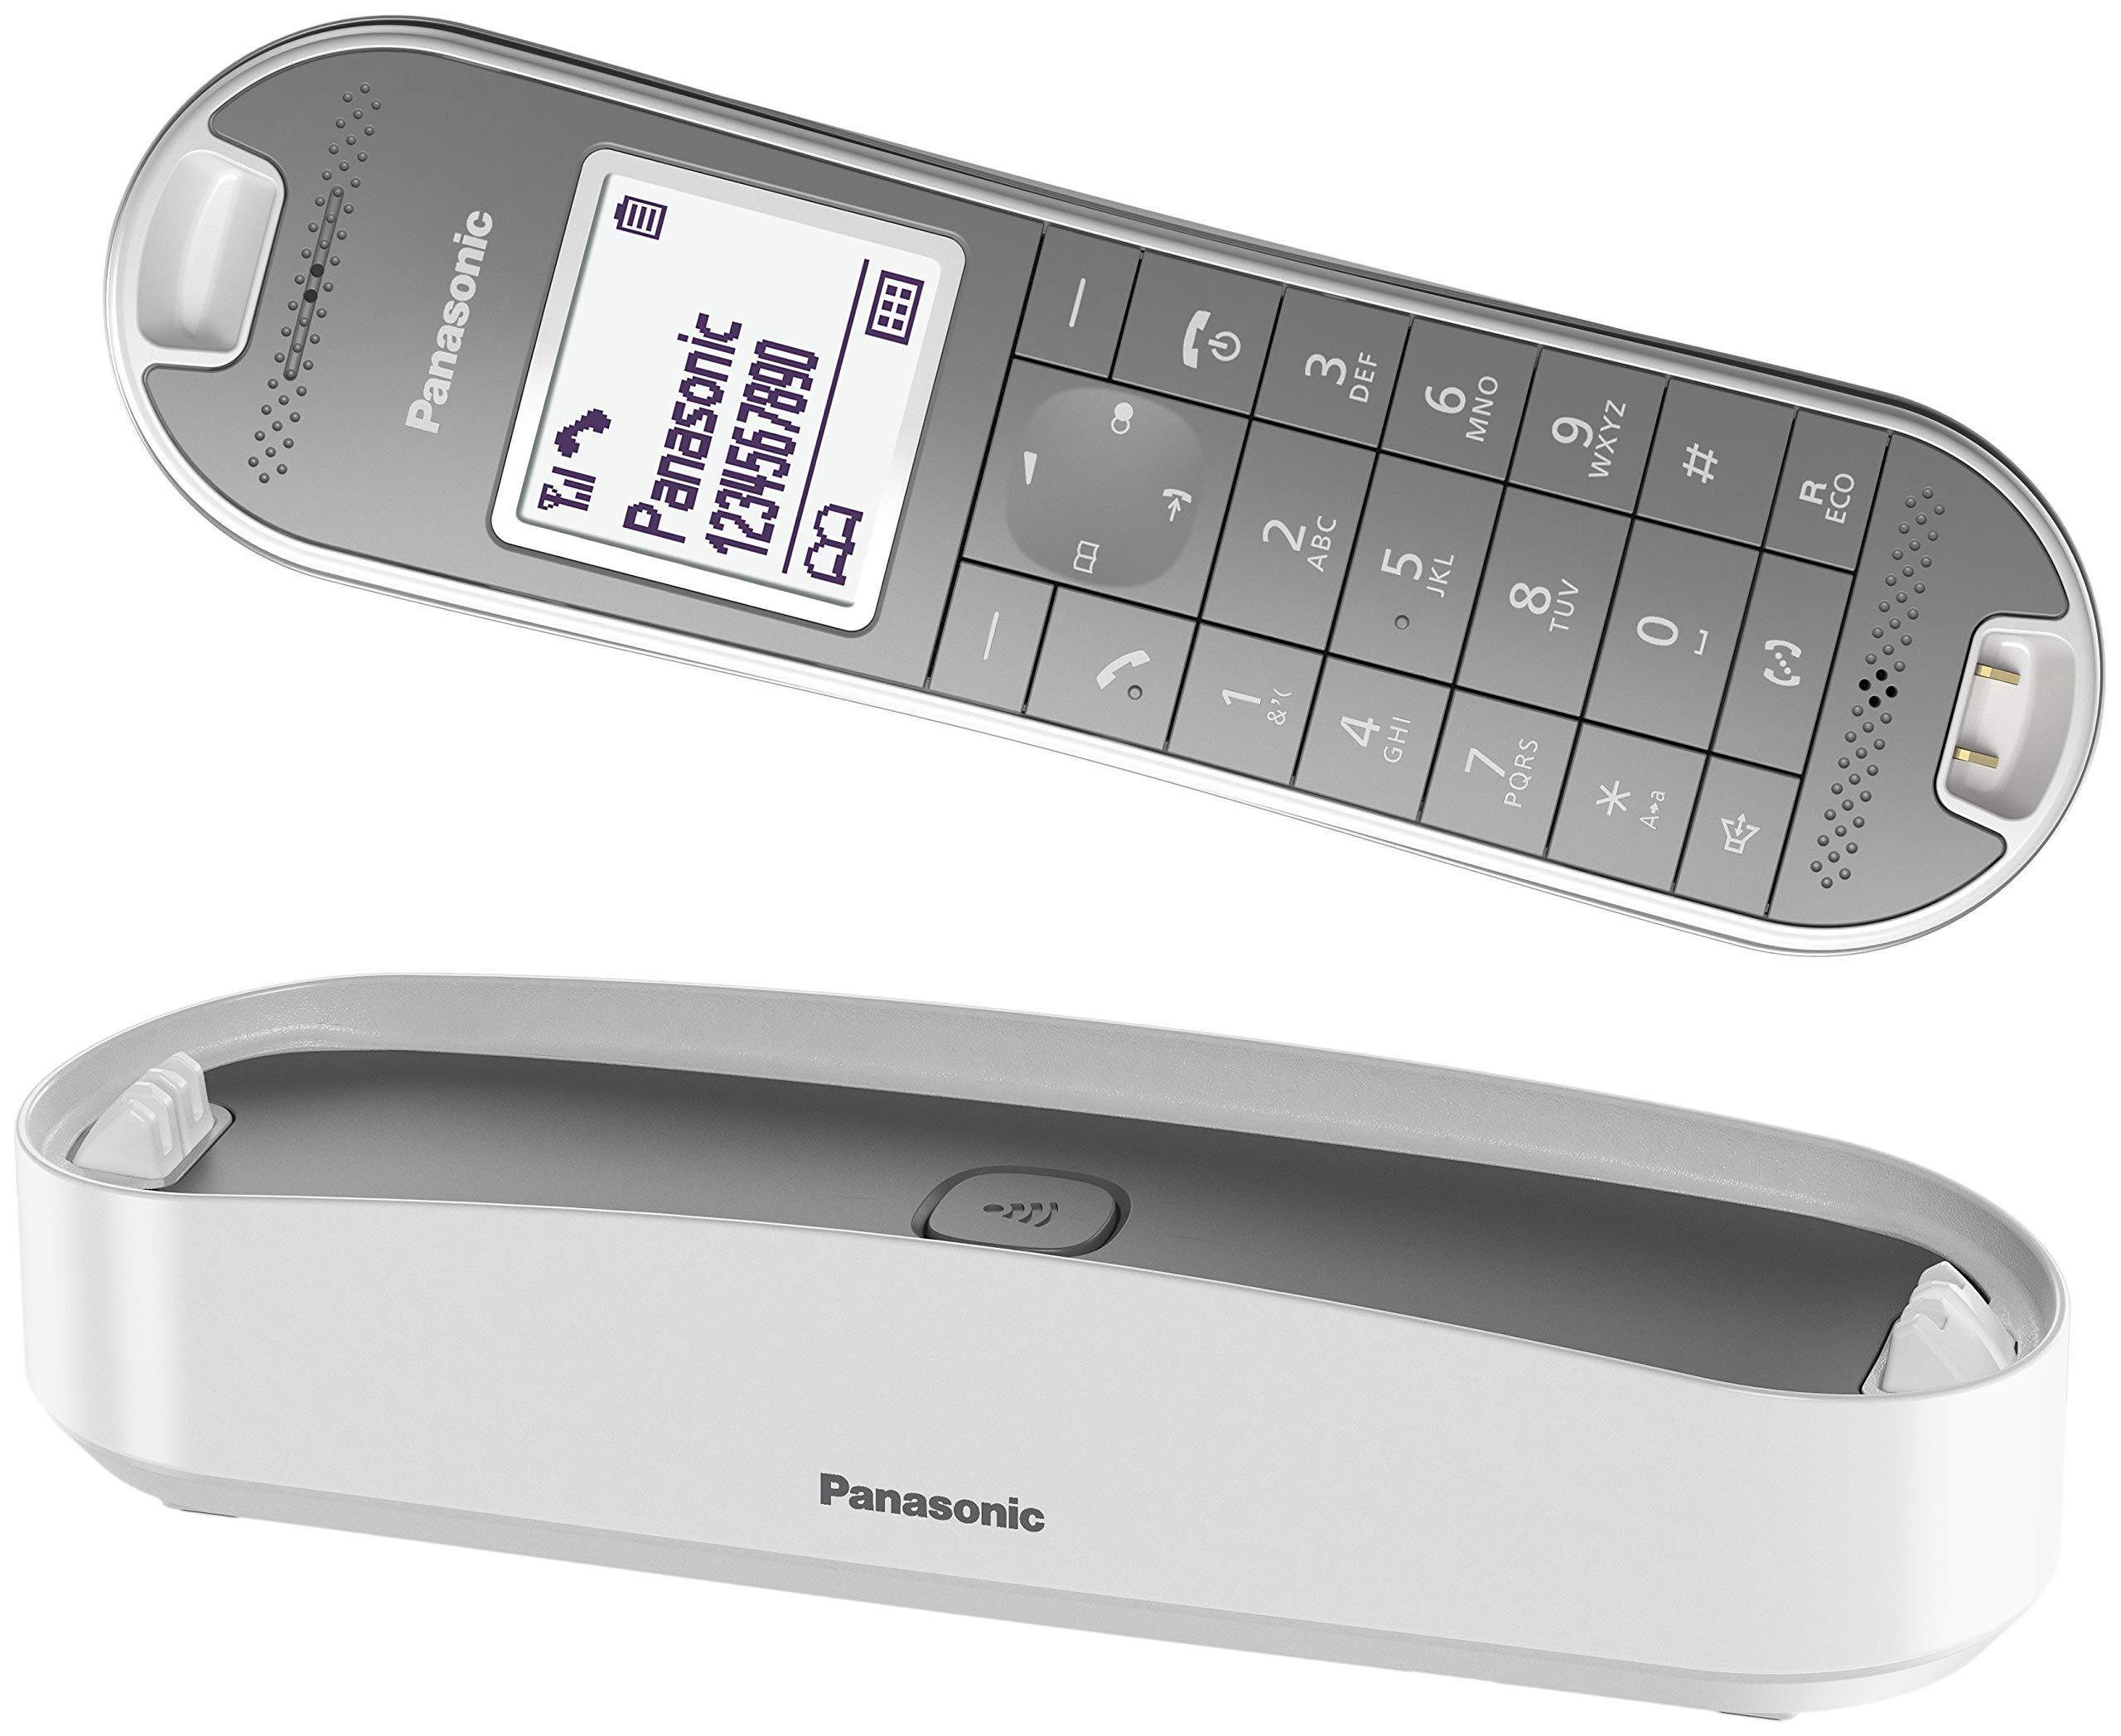 Panasonic KX-TGK310 - Teléfono fijo inalámbrico de diseño (LCD, identificador de llamadas, agenda de 120 números, bloqueo de llamada, modo ECO Plus), color blanco: BLOCK: Amazon.es: Electrónica